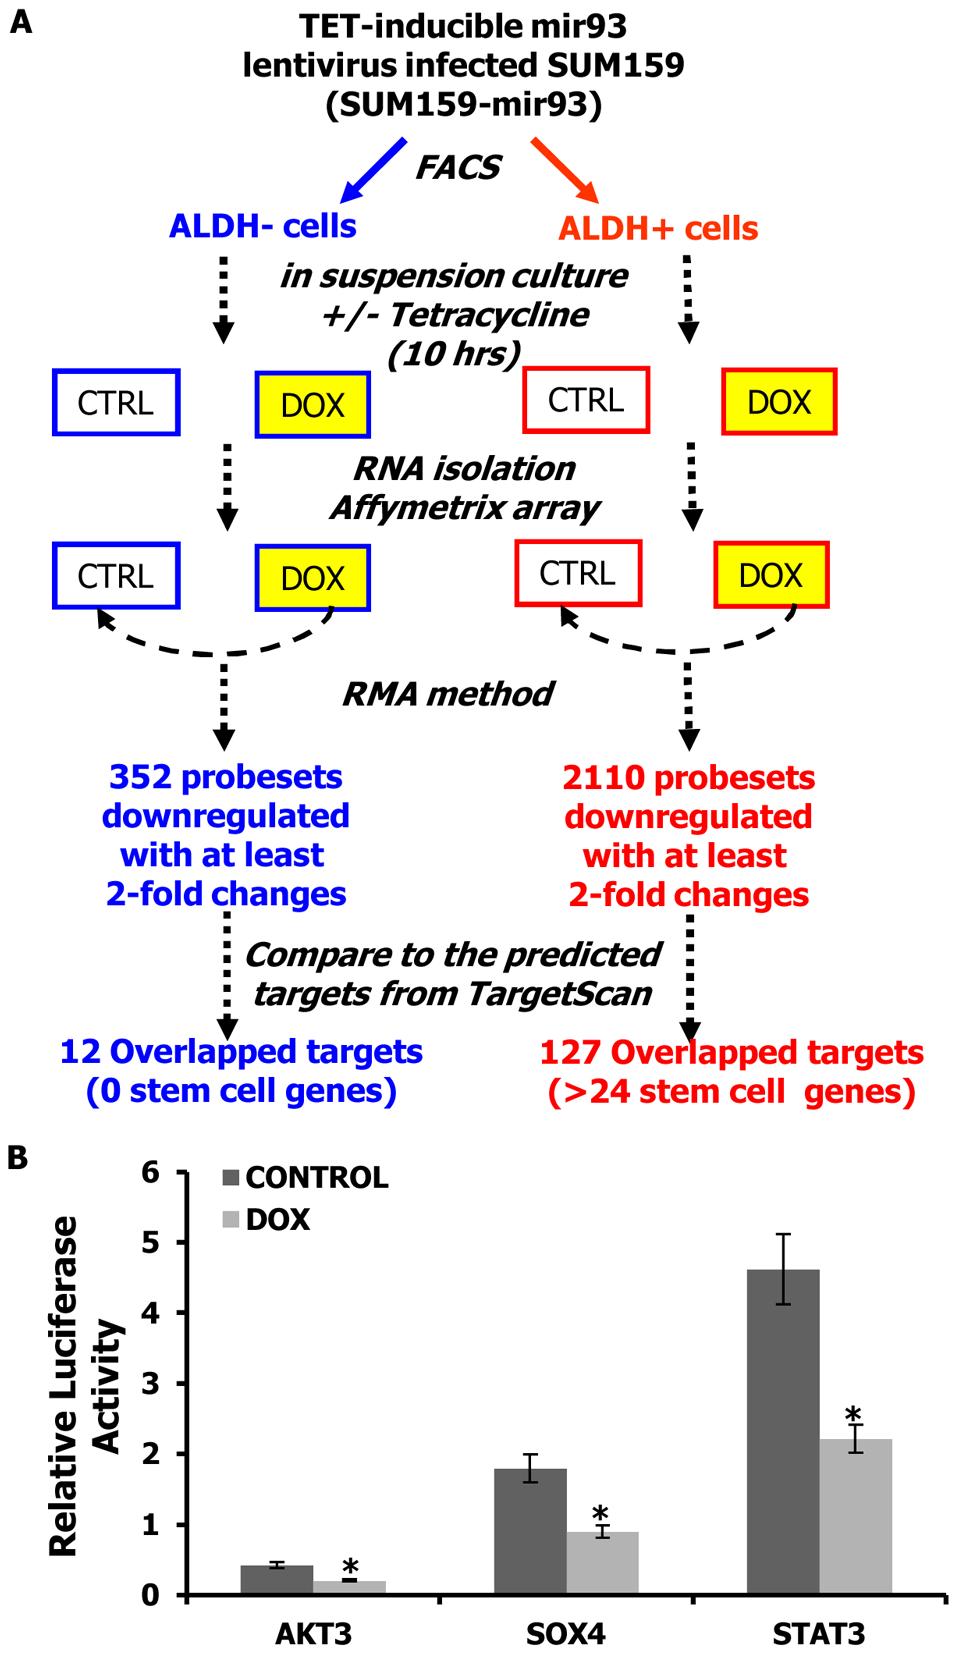 mir-93 targets stem cell regulatory genes.